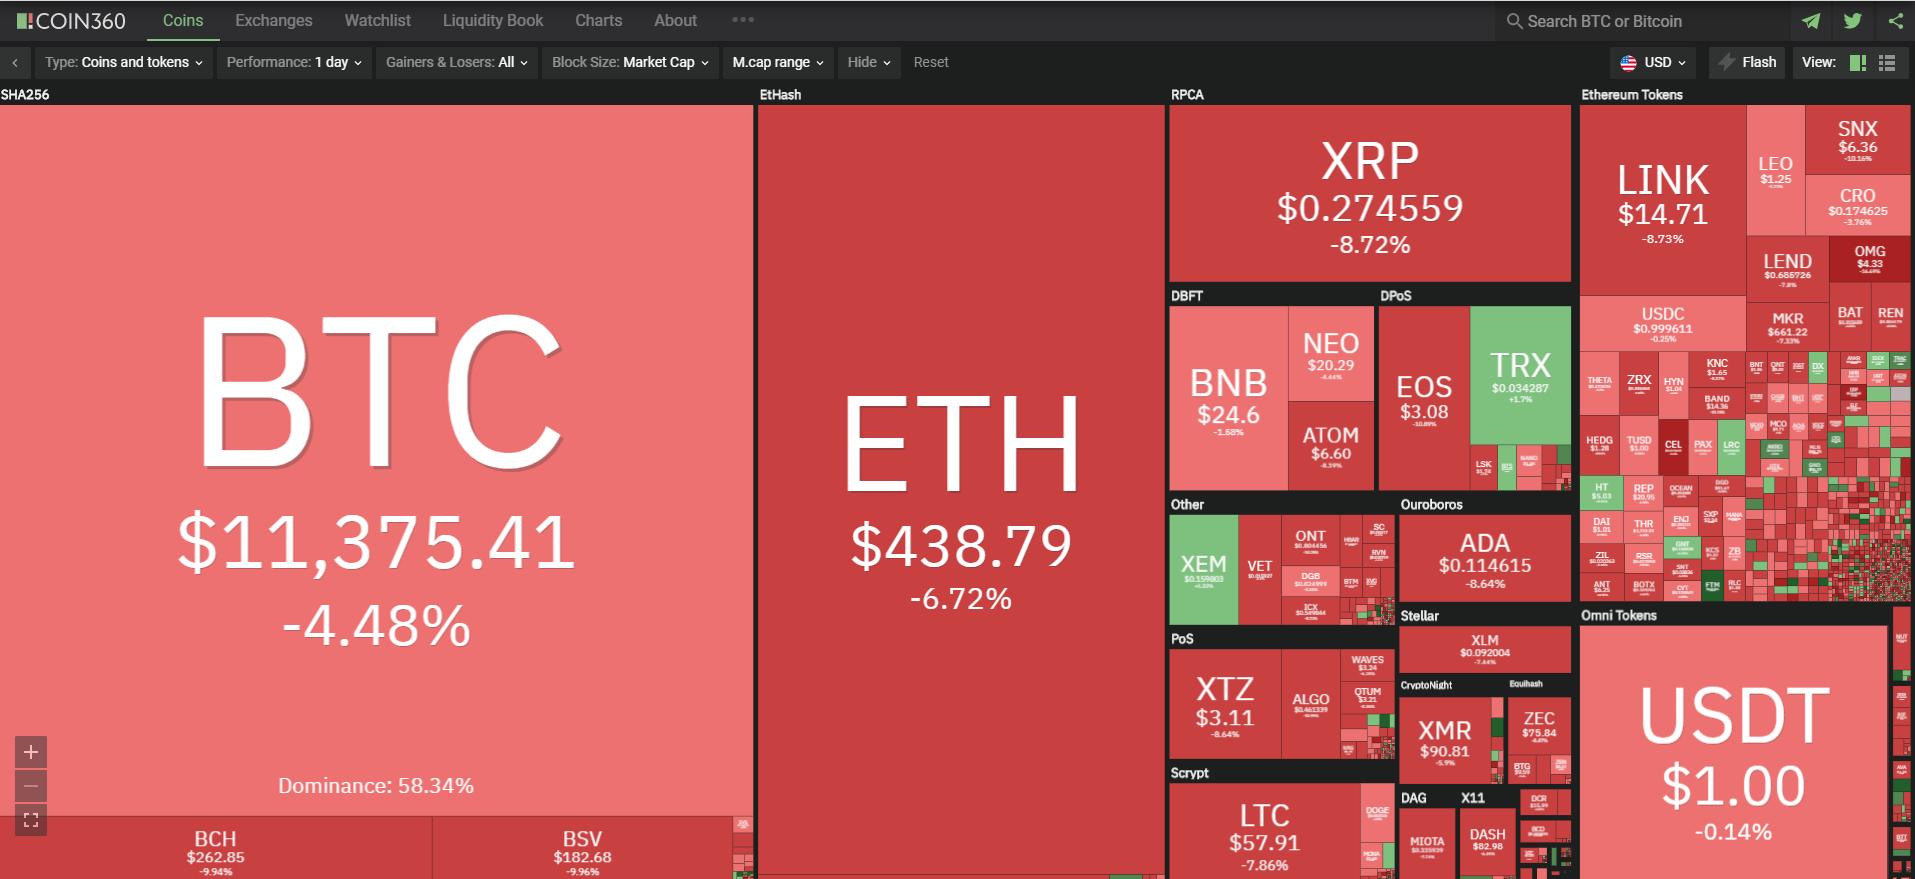 Toàn cảnh thị trường ngày 3/9 (nguồn: Coin360.com)